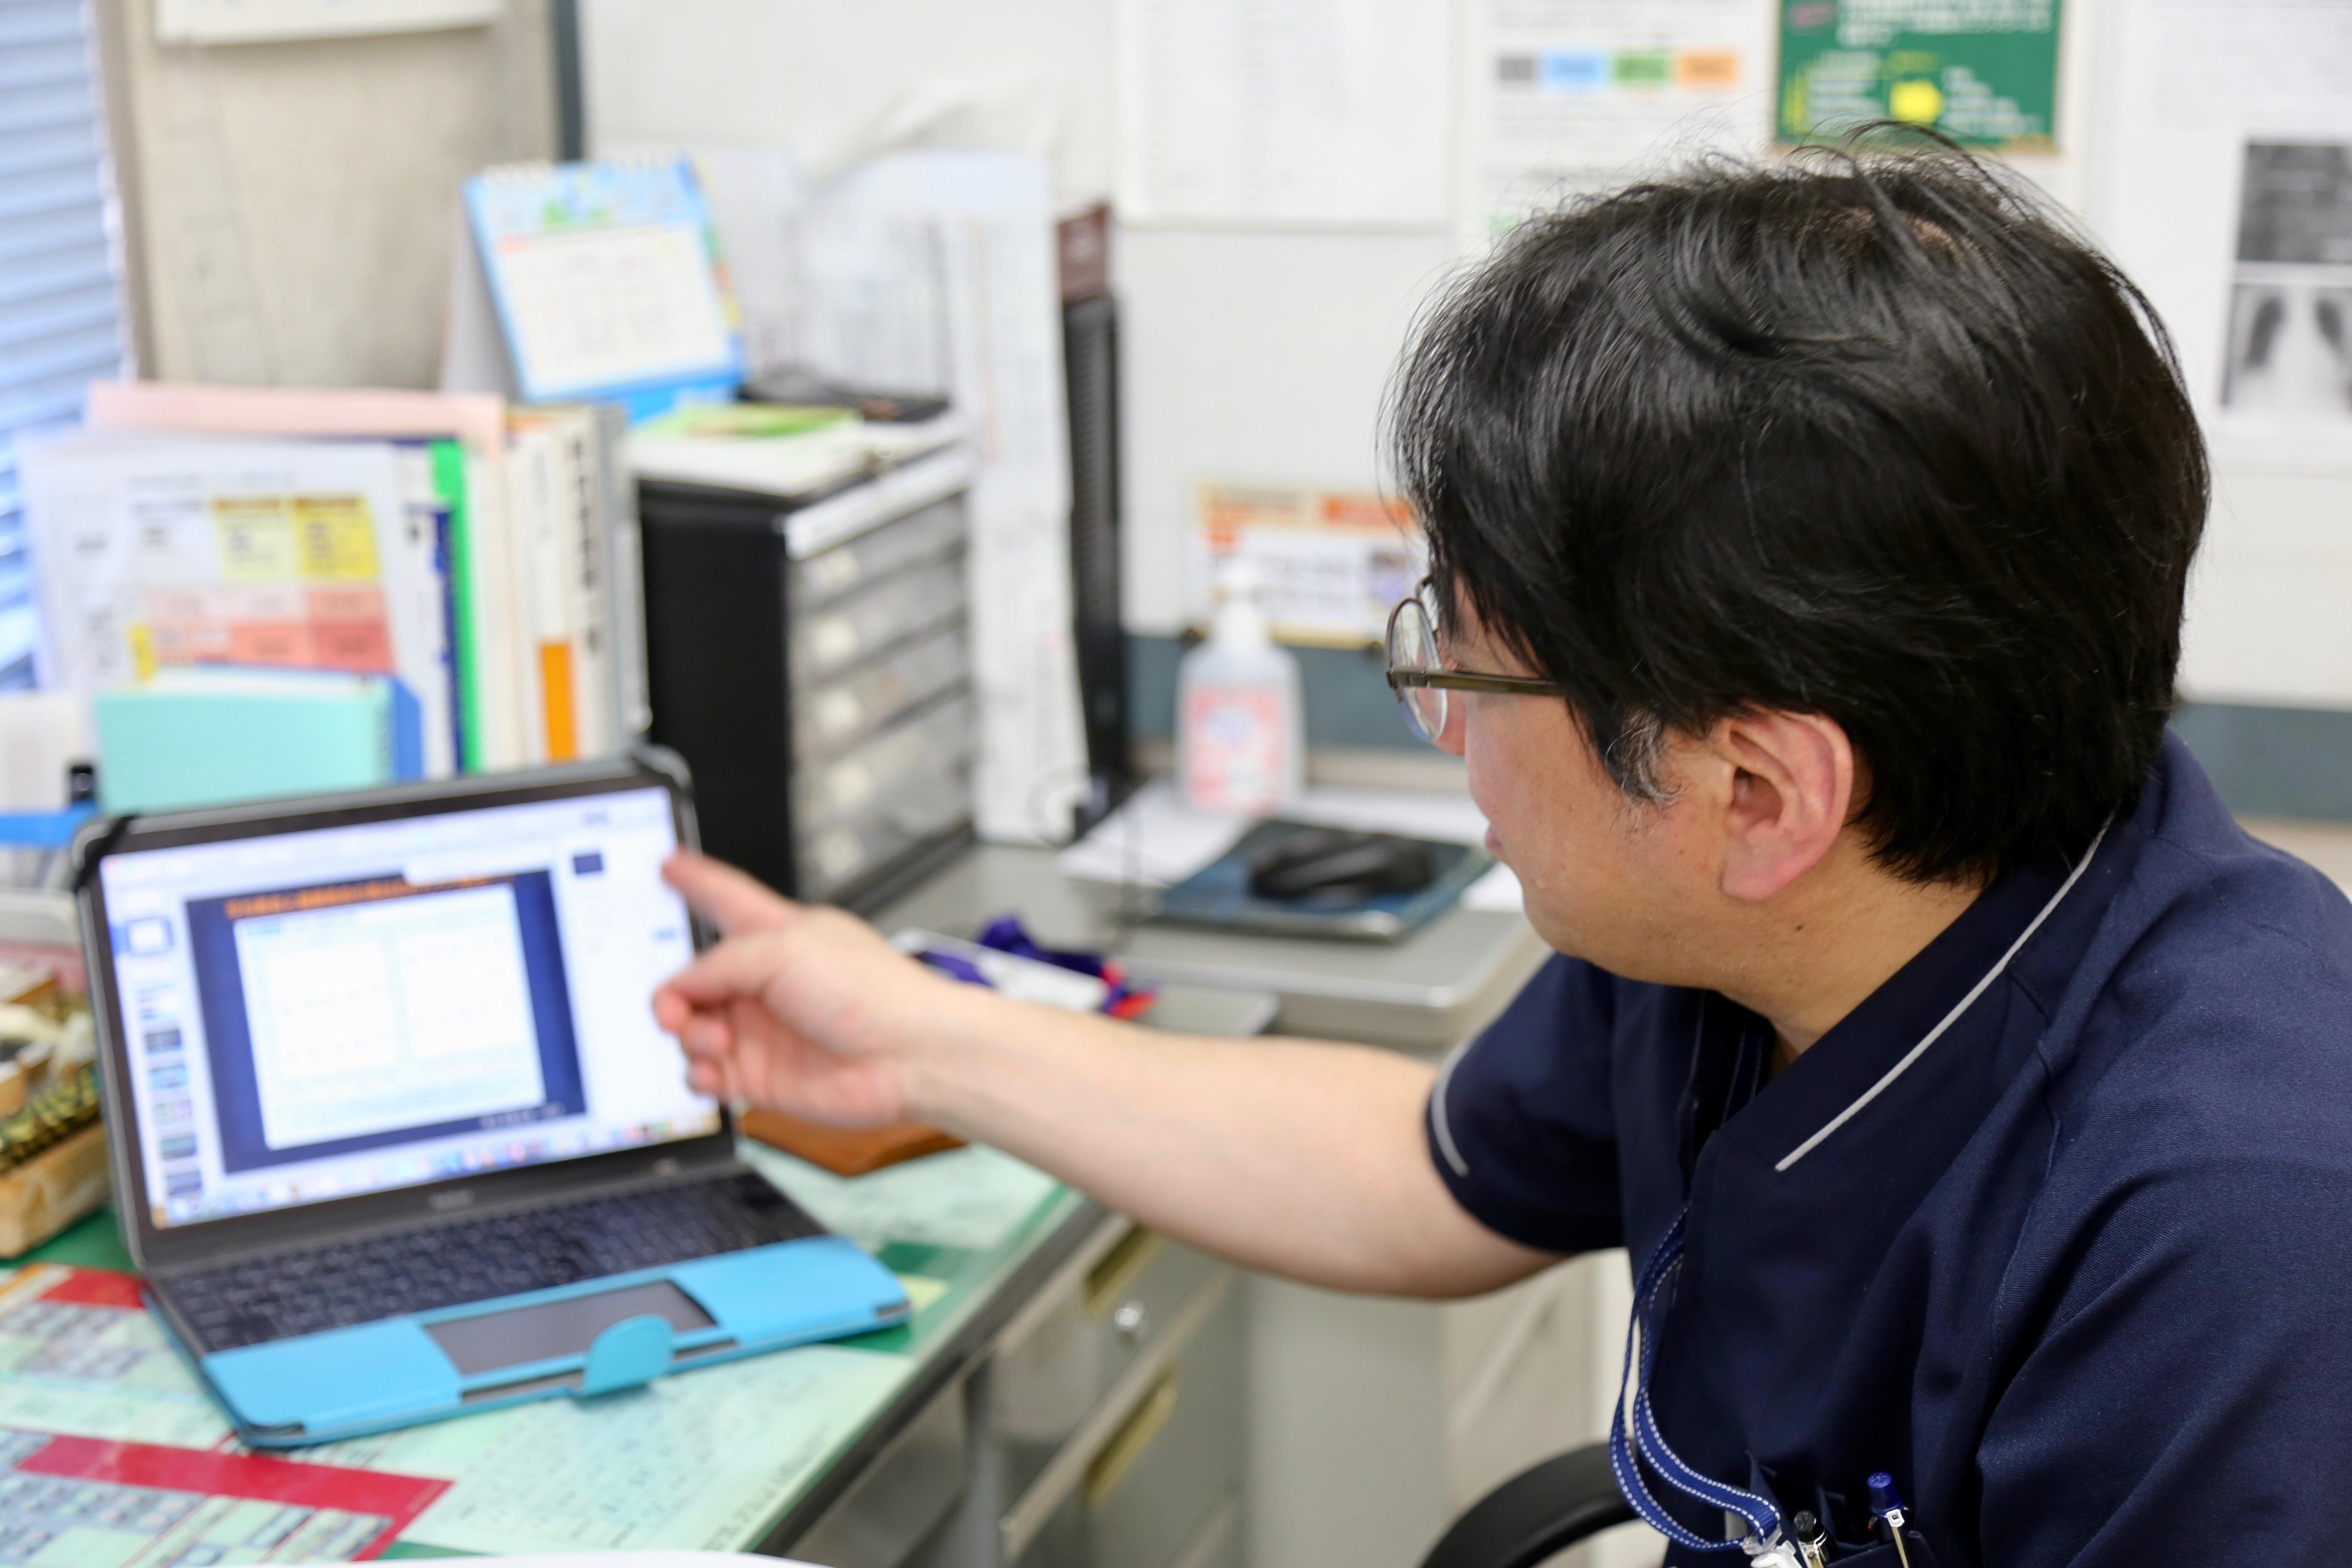 フレイル対策に通じる経腸栄養管理—目白第二病院における実践